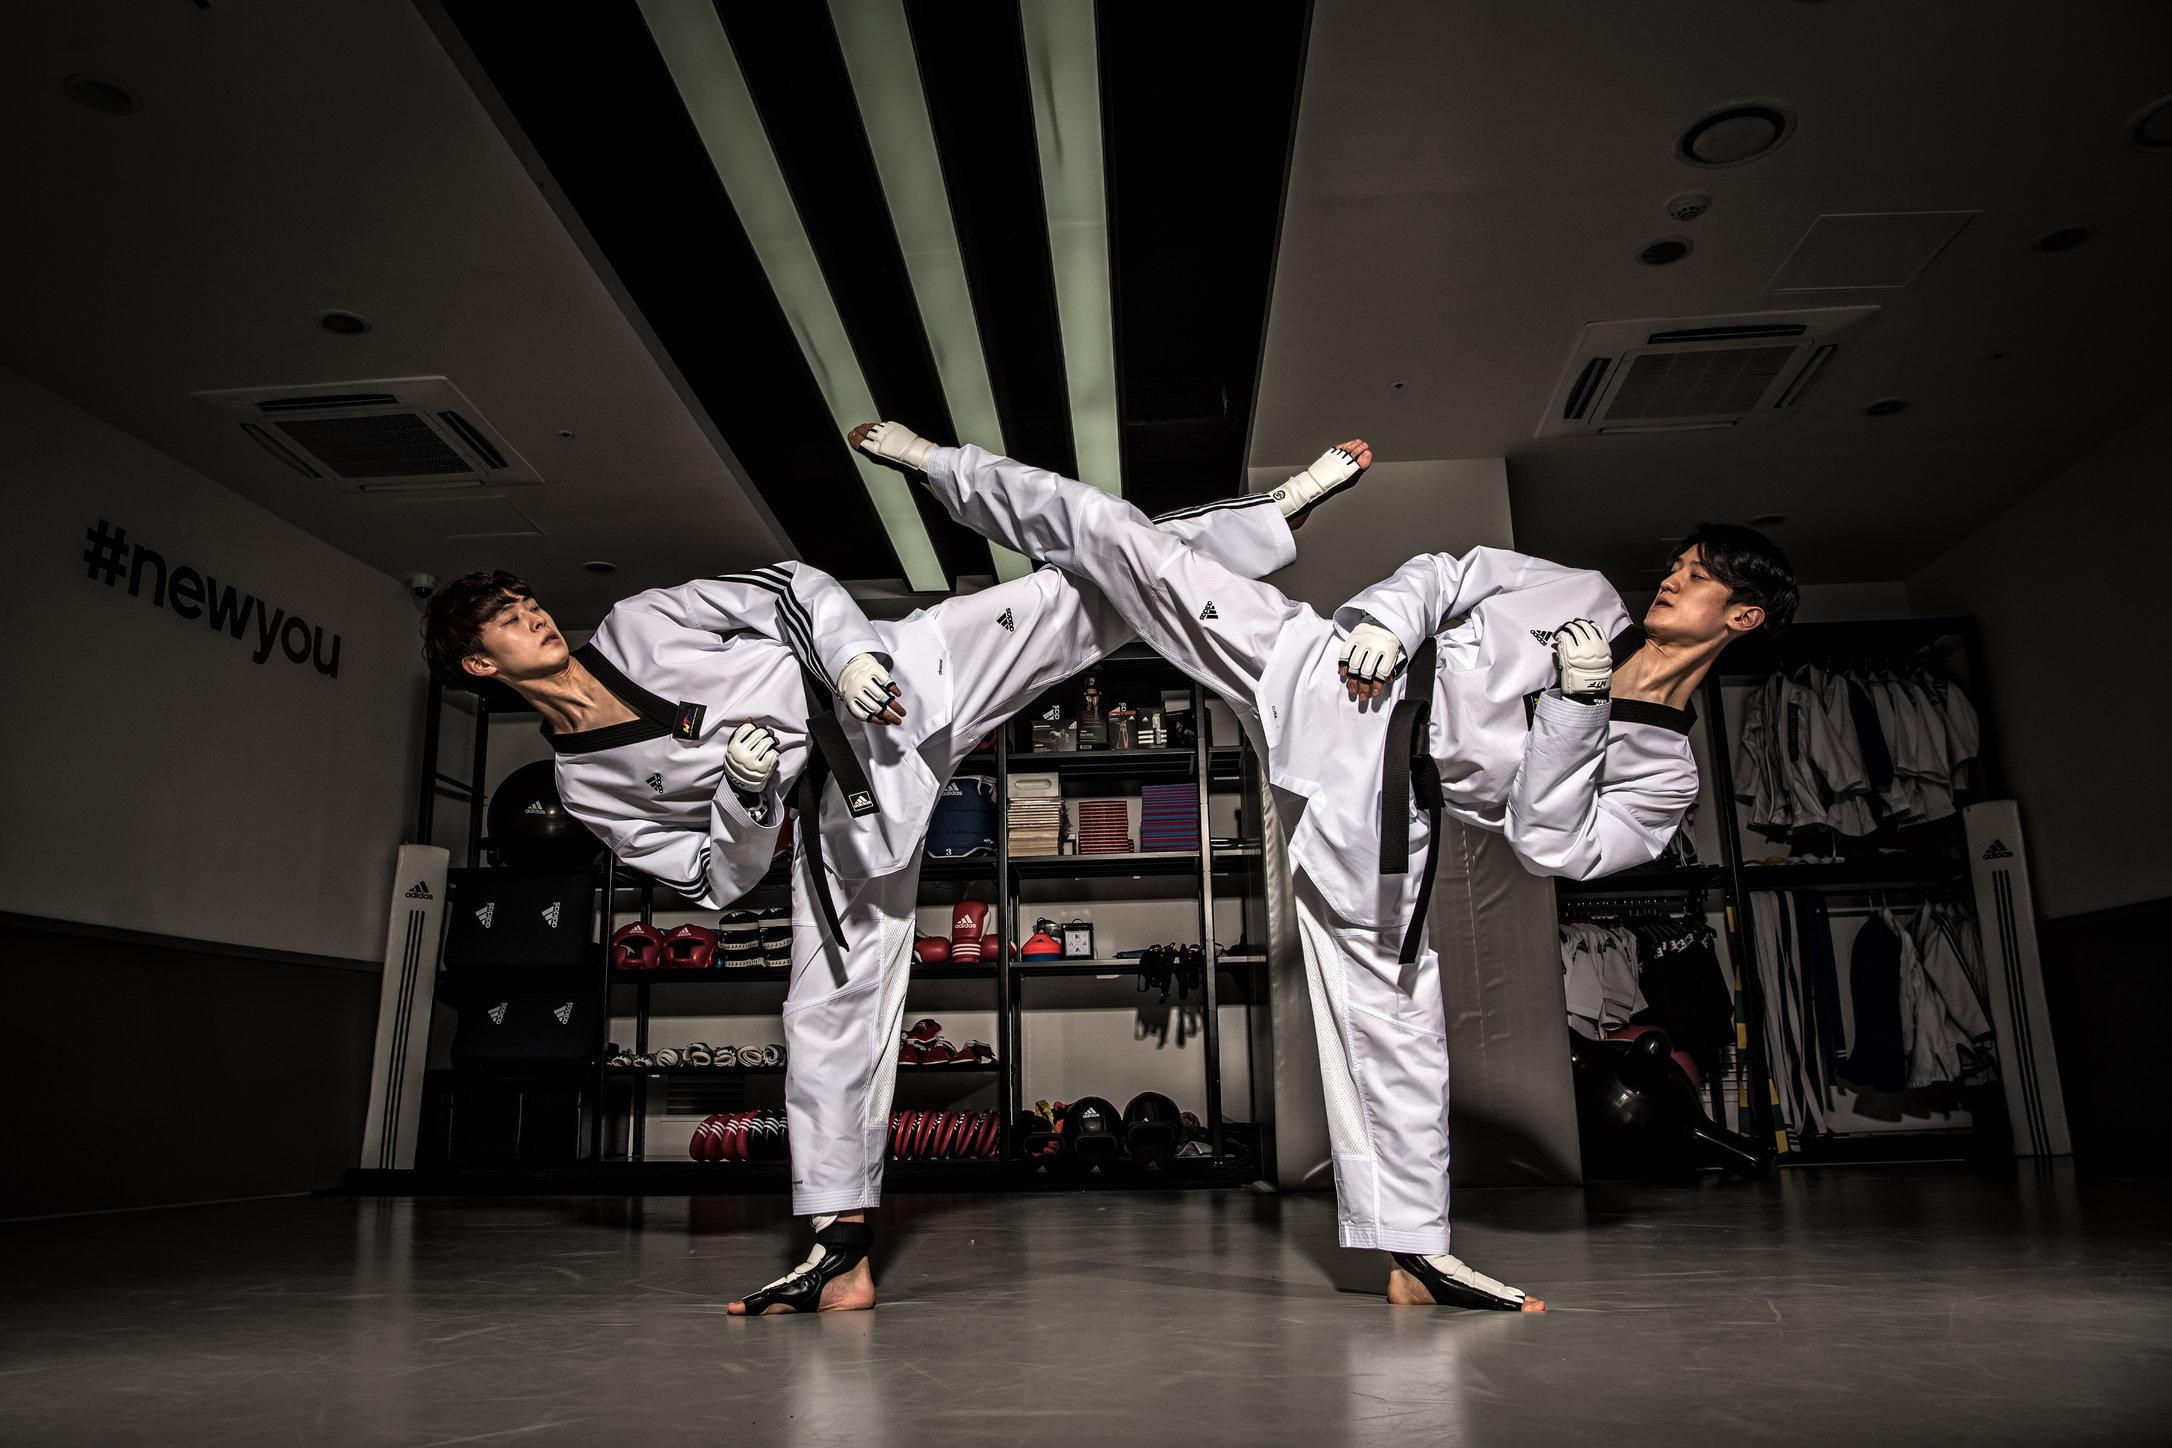 Taekwondo_029.jpg